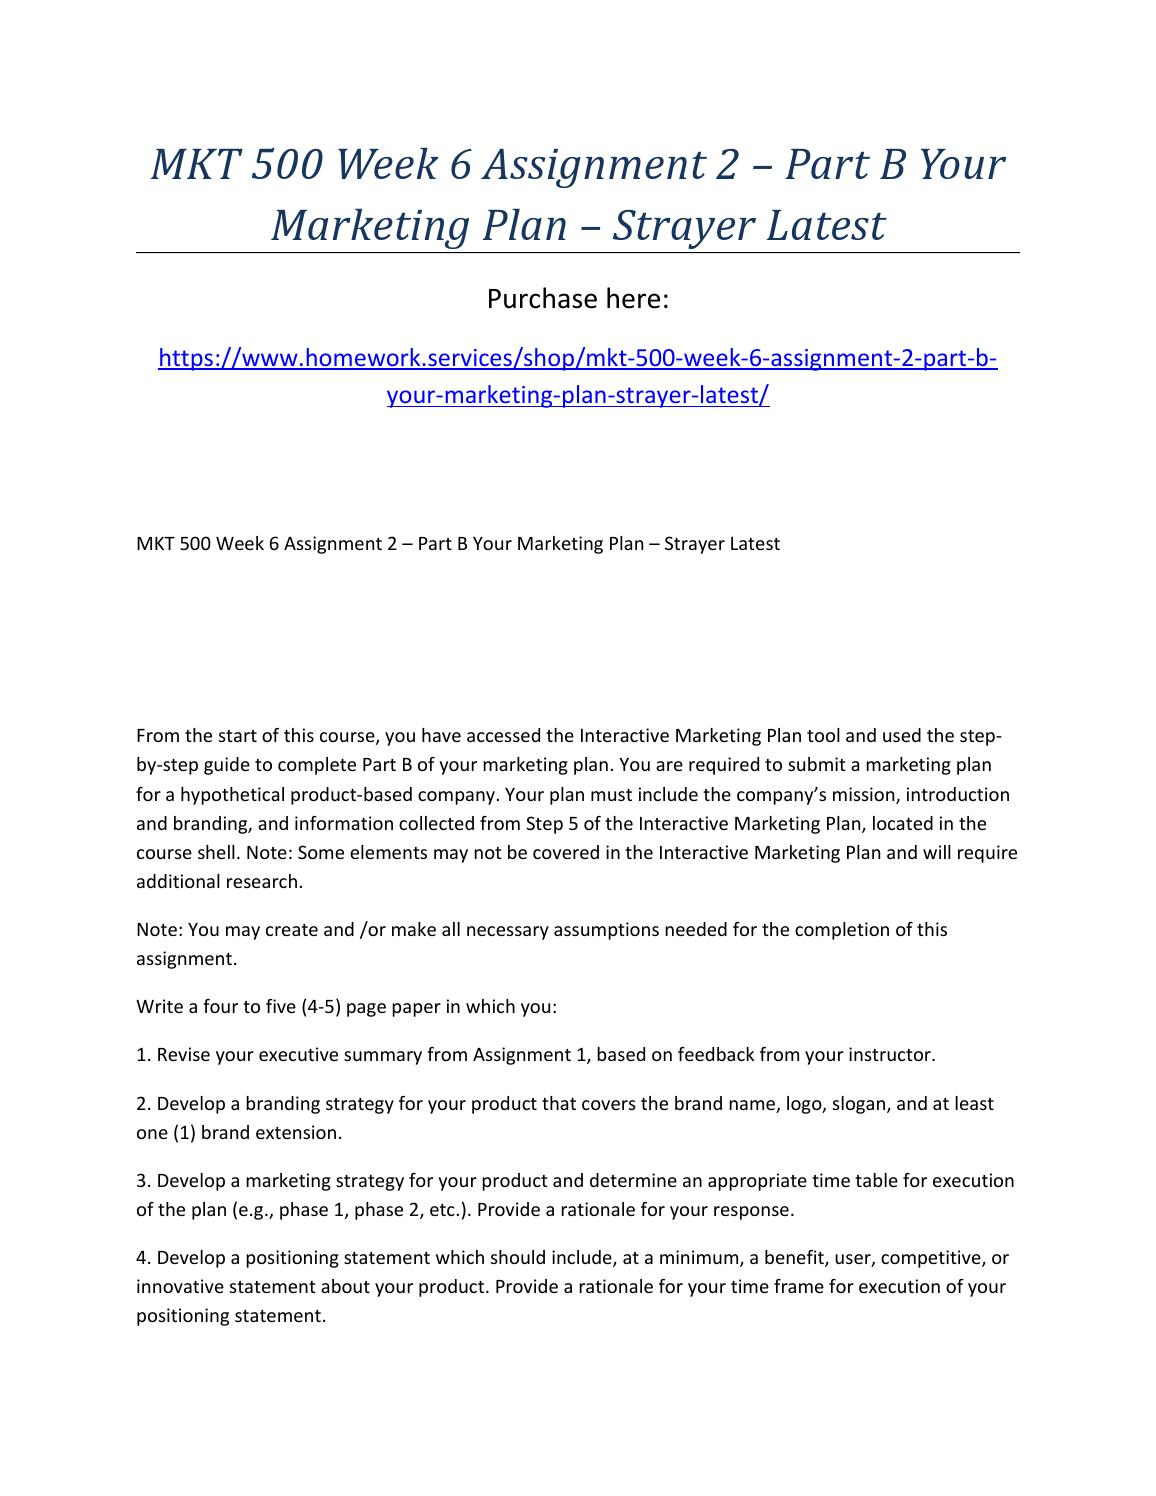 marketing plan assignment 1 mkt500